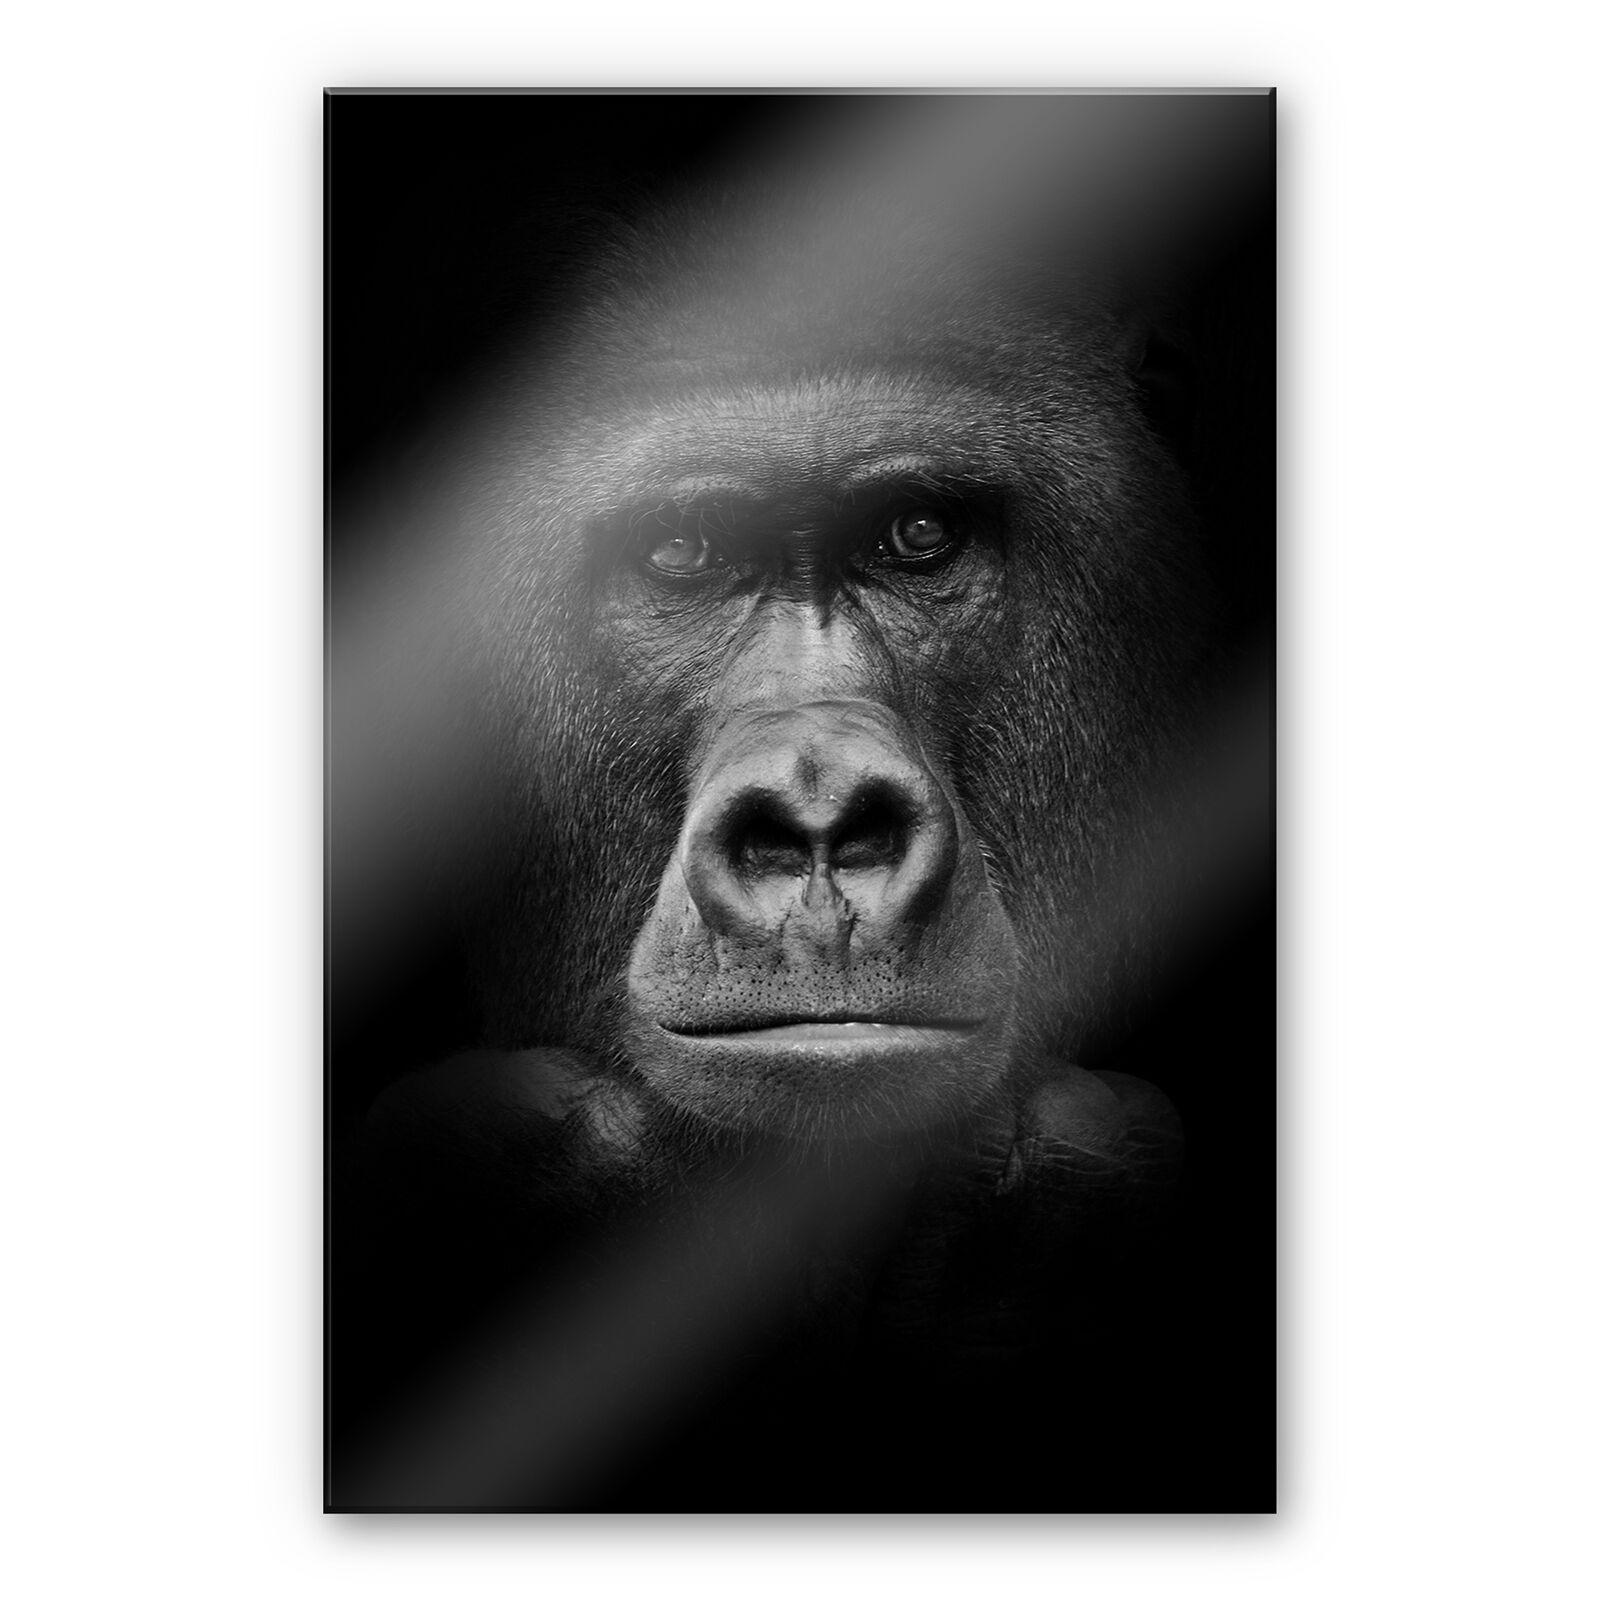 Acrylglas XXL Wandbild Gorilla schwarz weiß BILD hohe Farbechtheit WANDDEKO